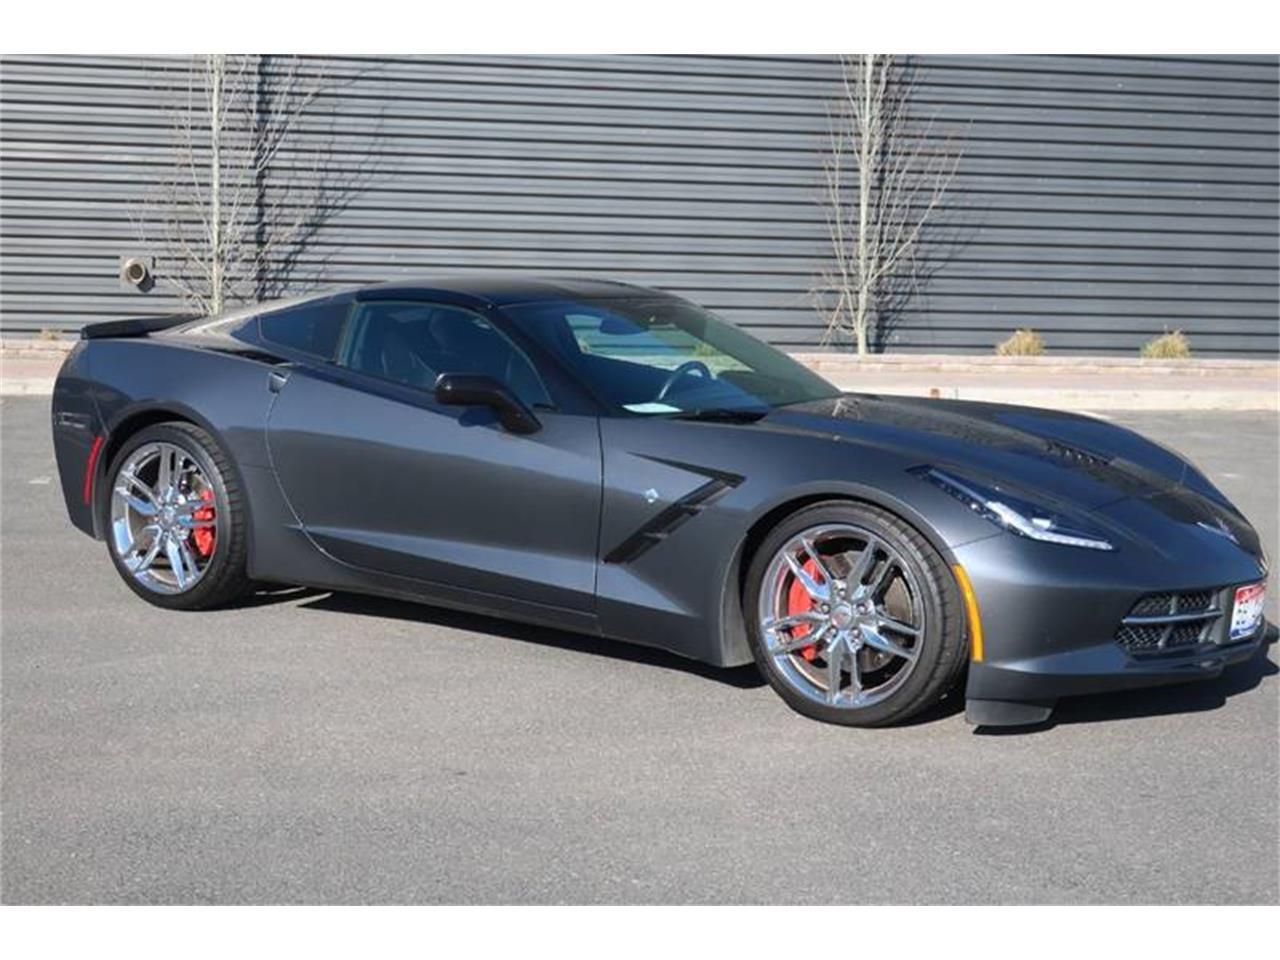 2014 Corvette Stingray For Sale >> For Sale 2014 Chevrolet Corvette In Hailey Idaho